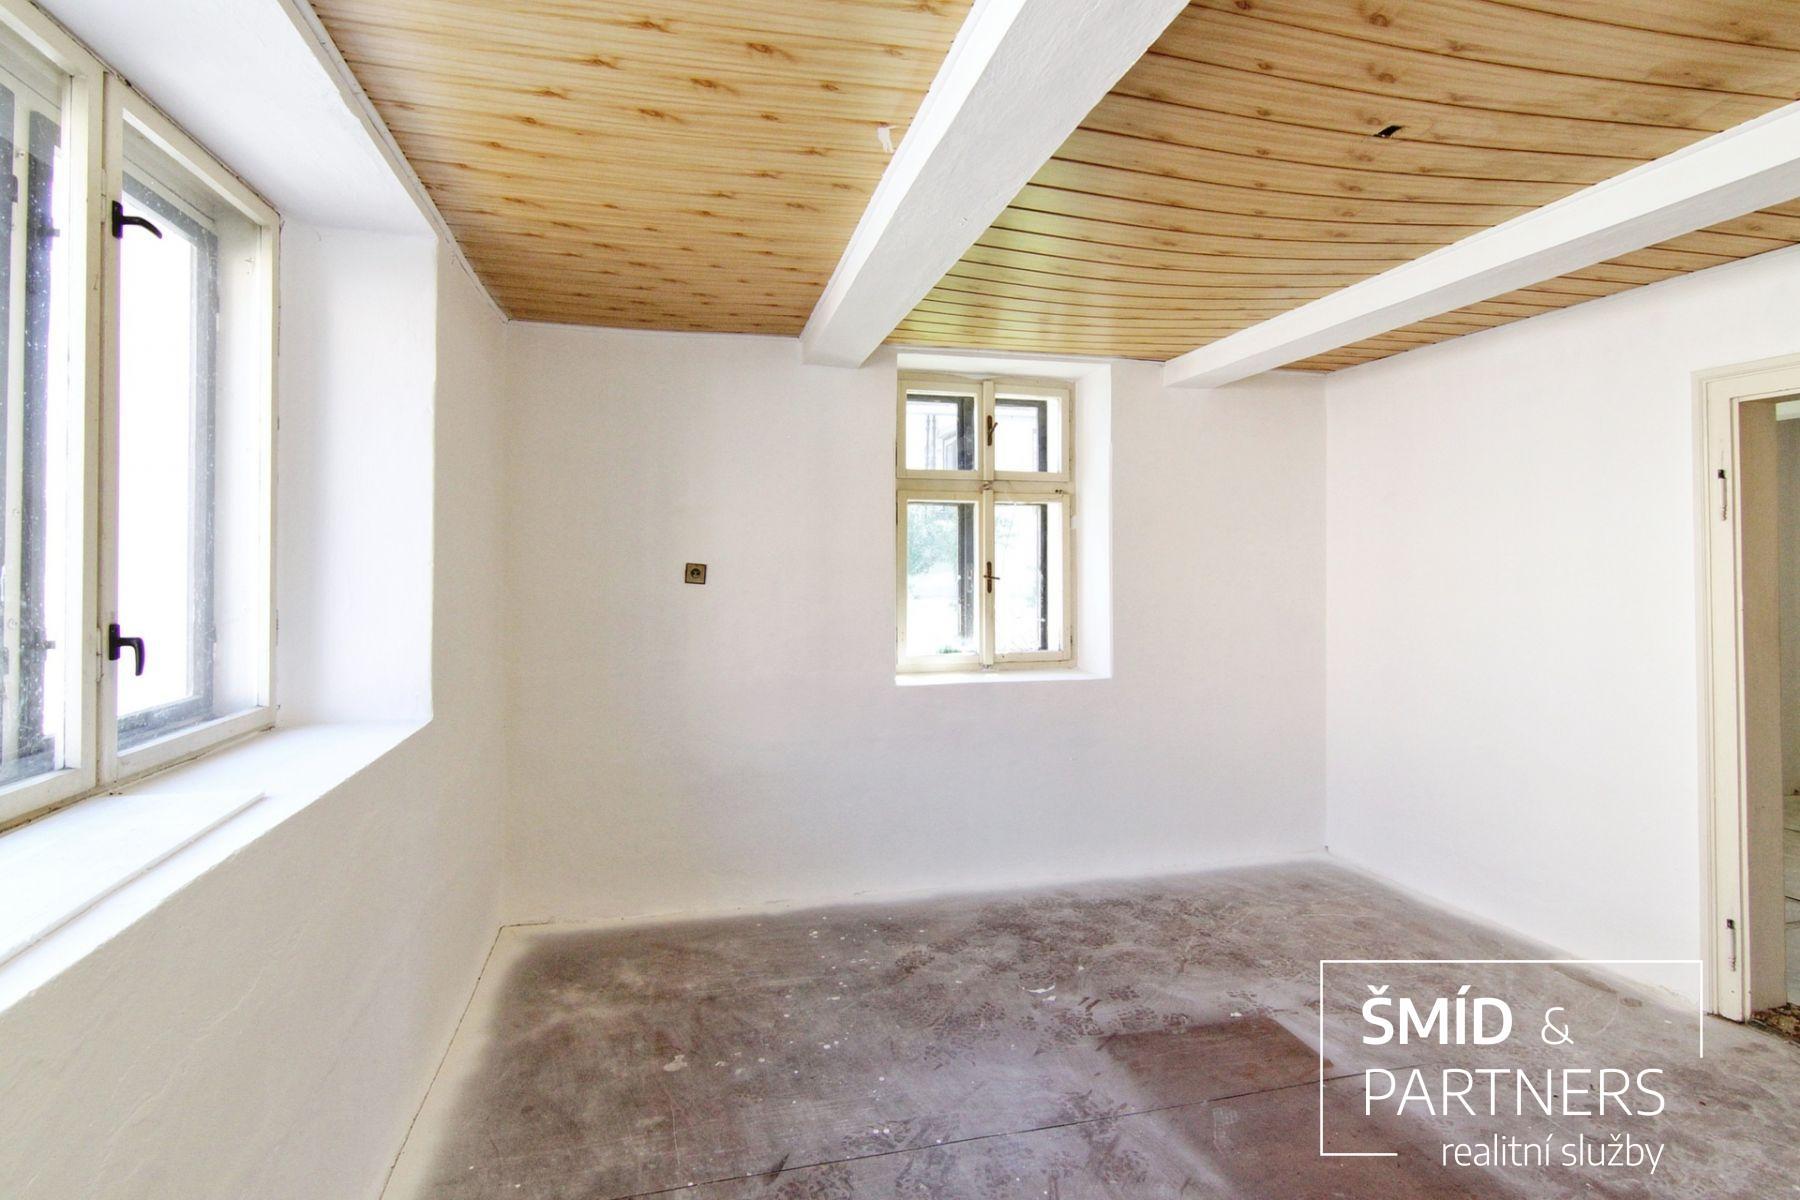 Stylová chalupa 2+1 na pozemku 1165 m2 - Sány okr, Nymburk.